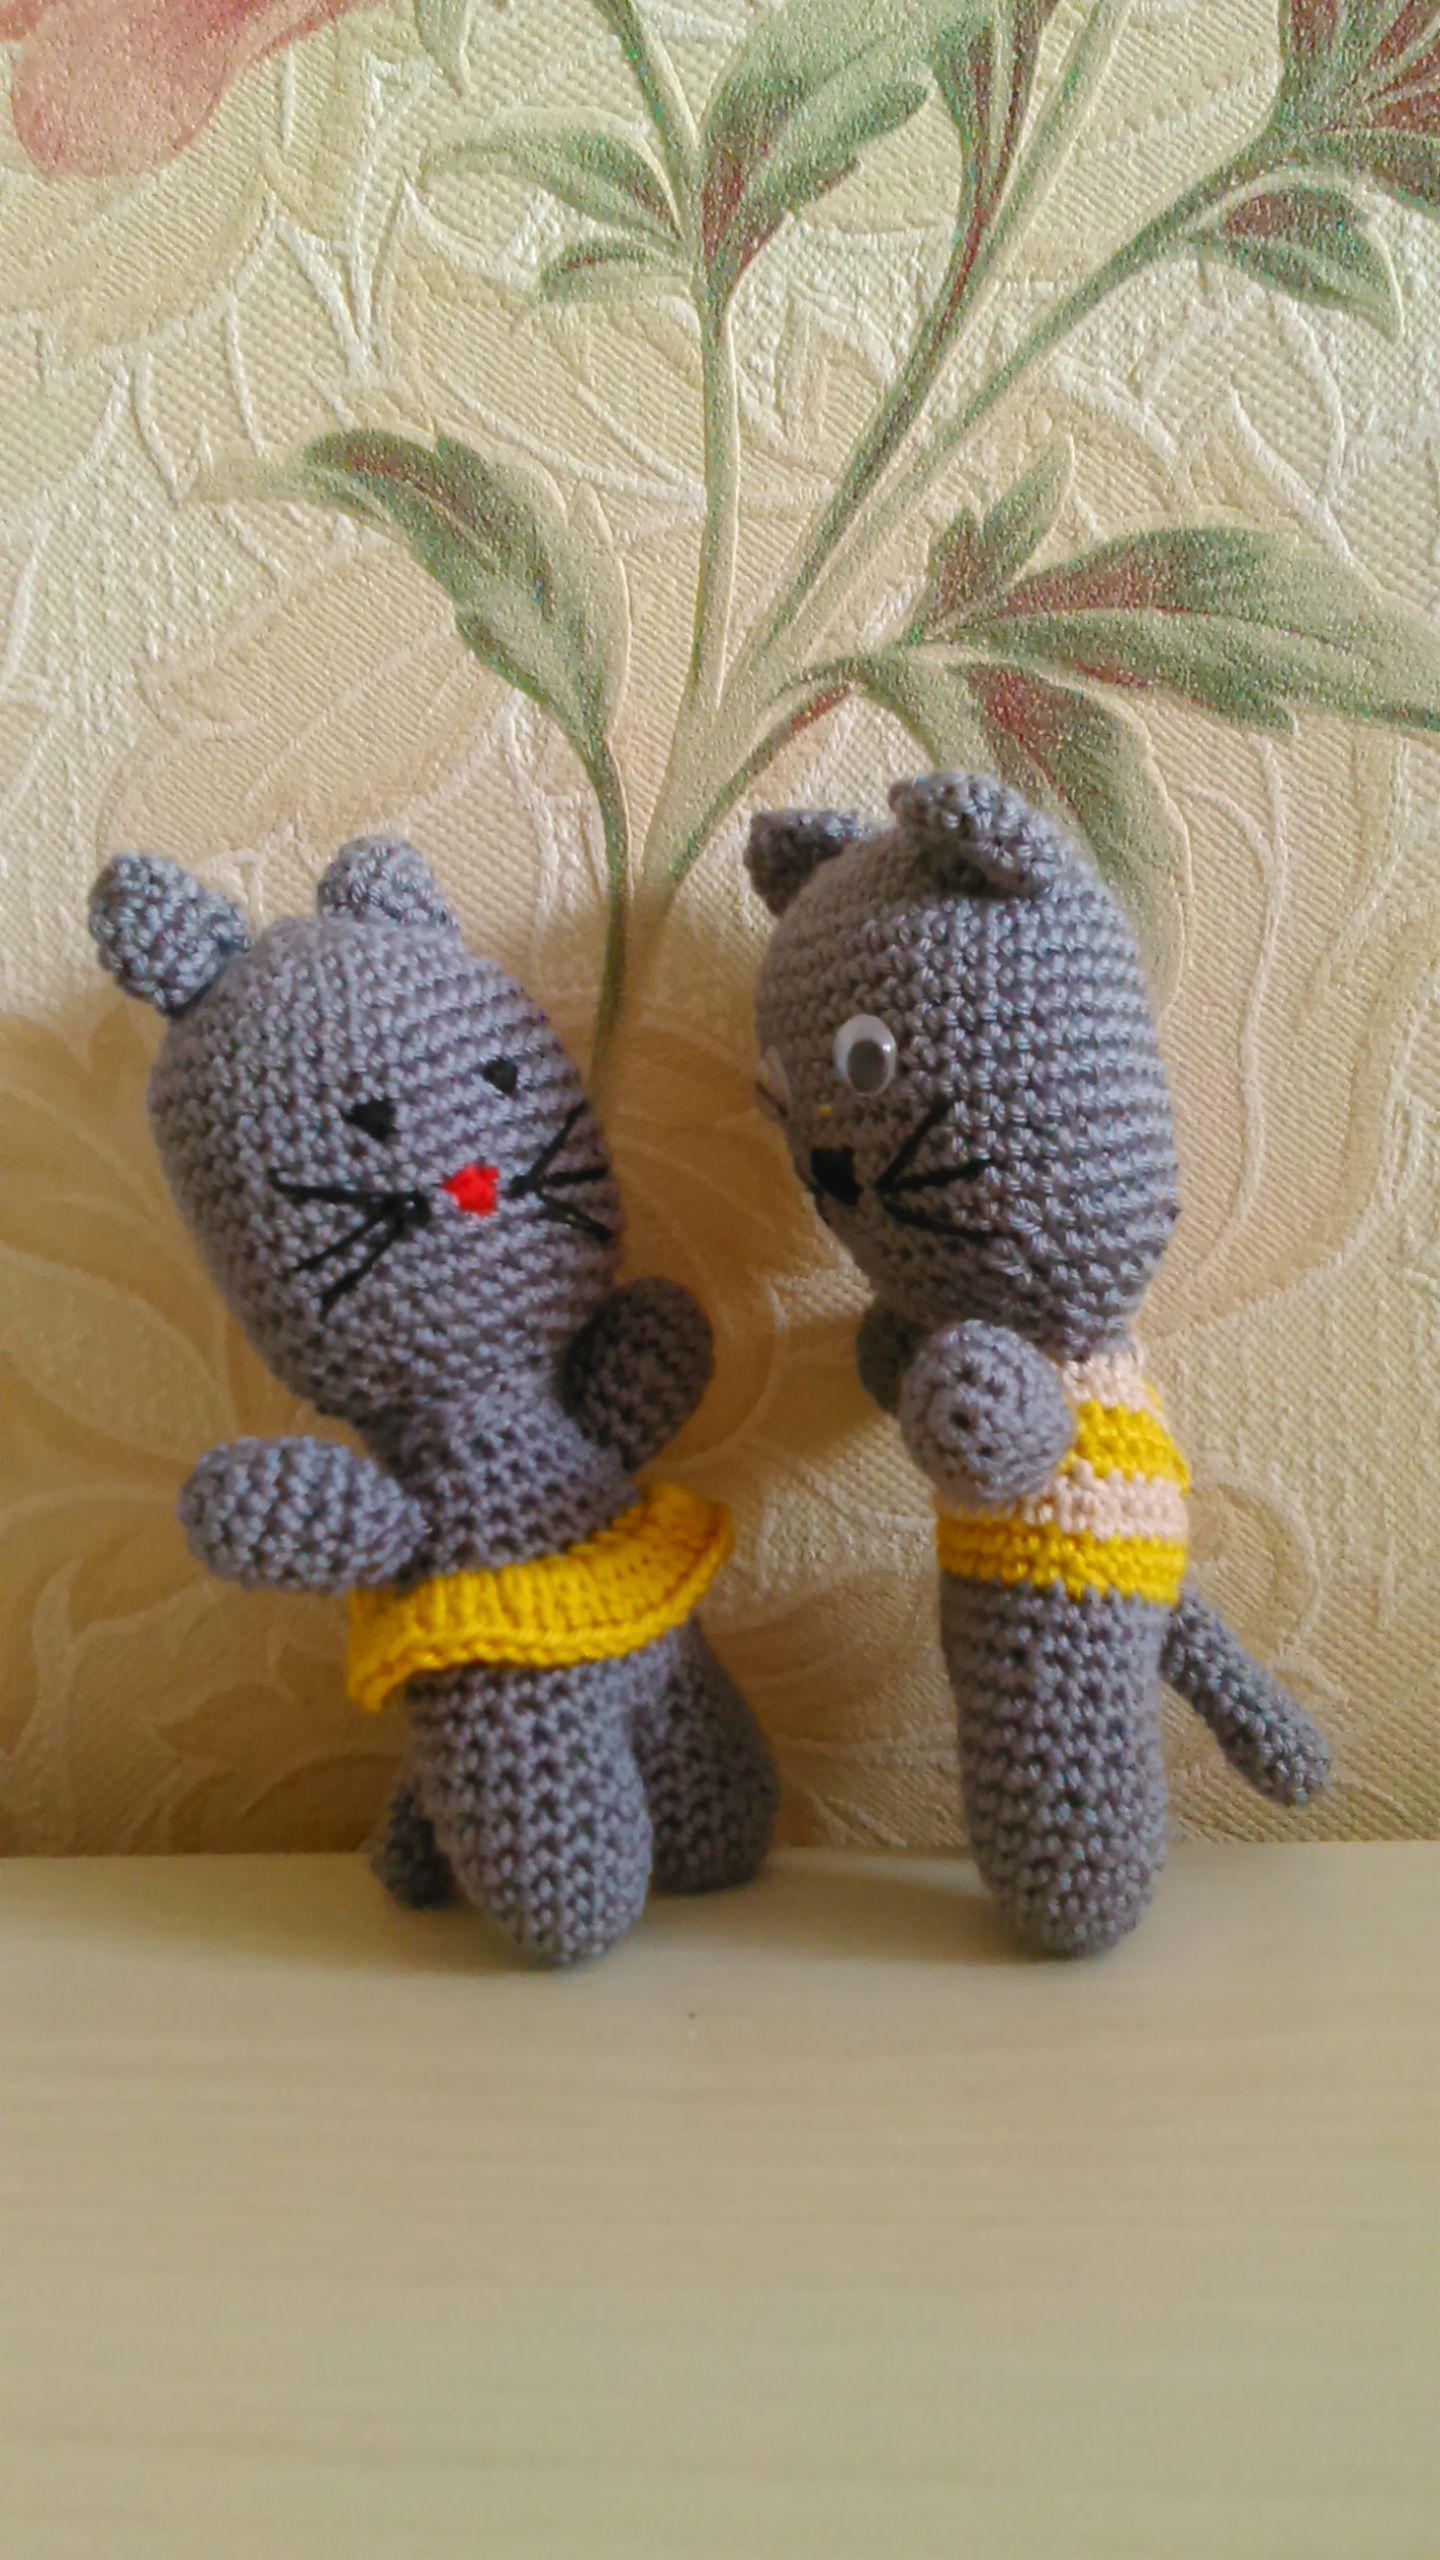 вязаная вязание ручная игрушка амигурами детям крючком работа